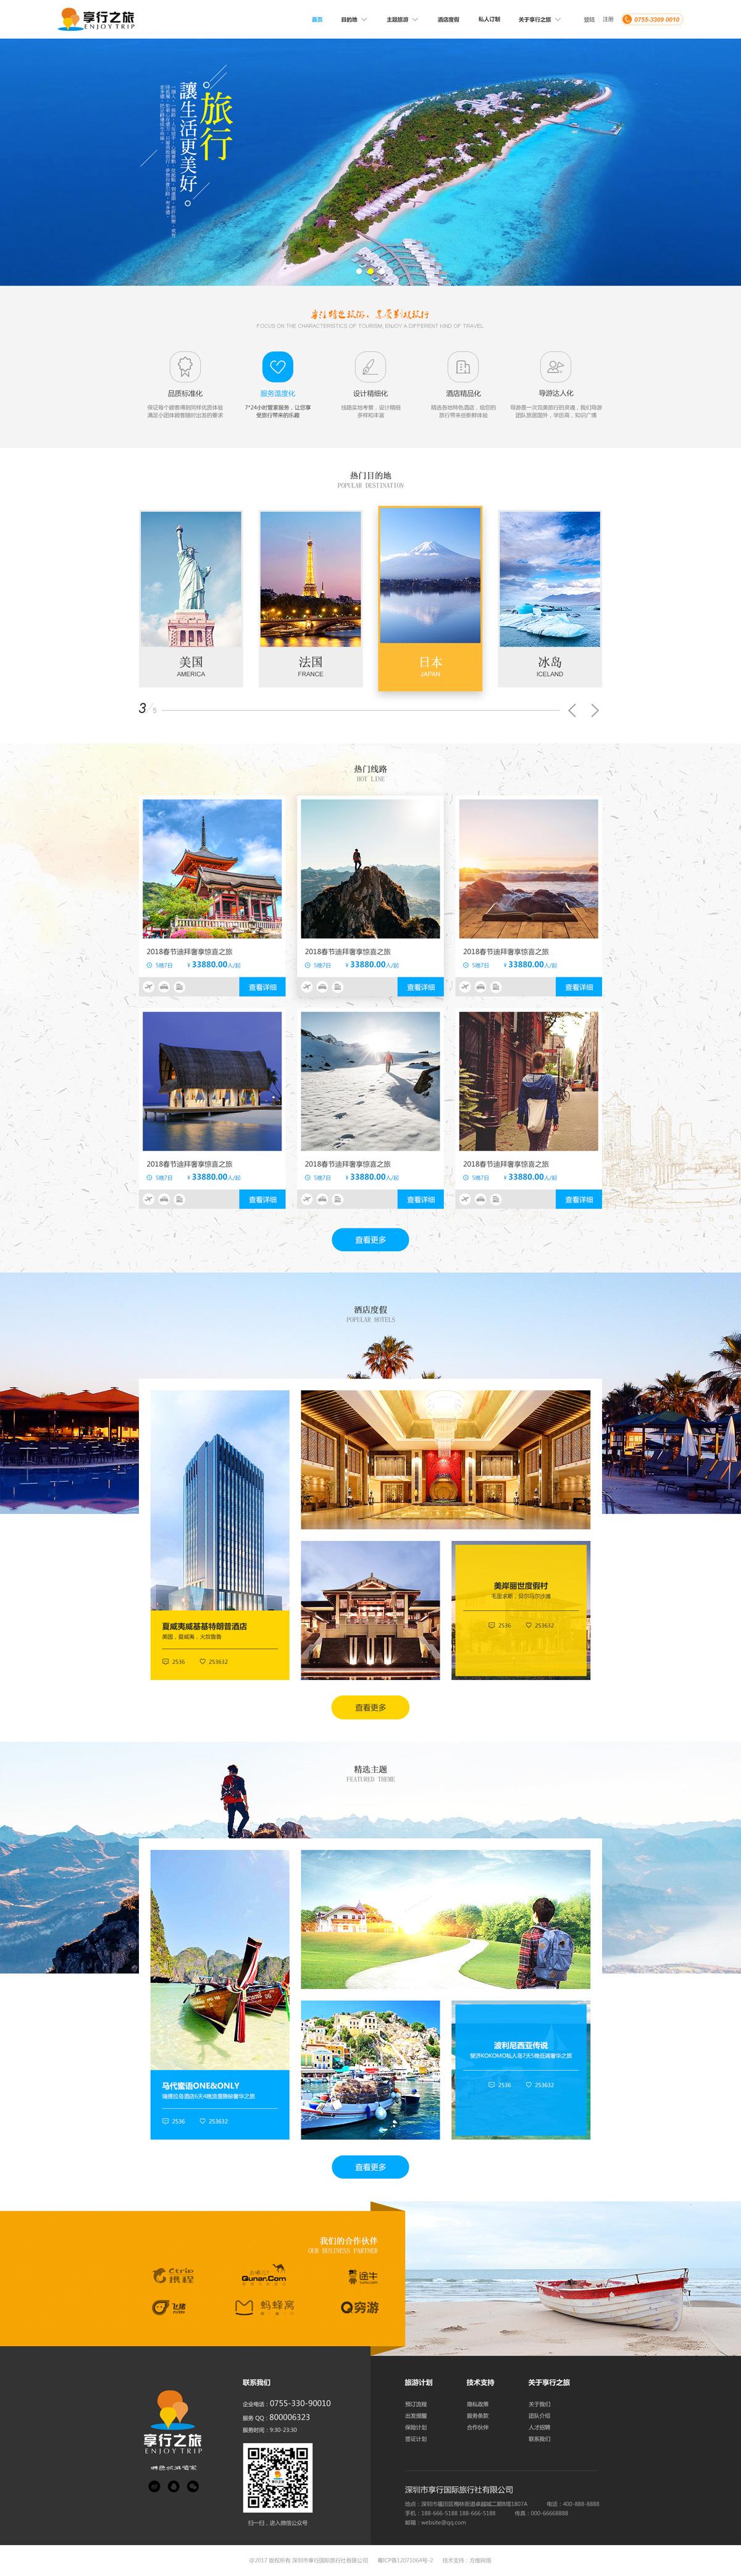 享行之旅网站案例